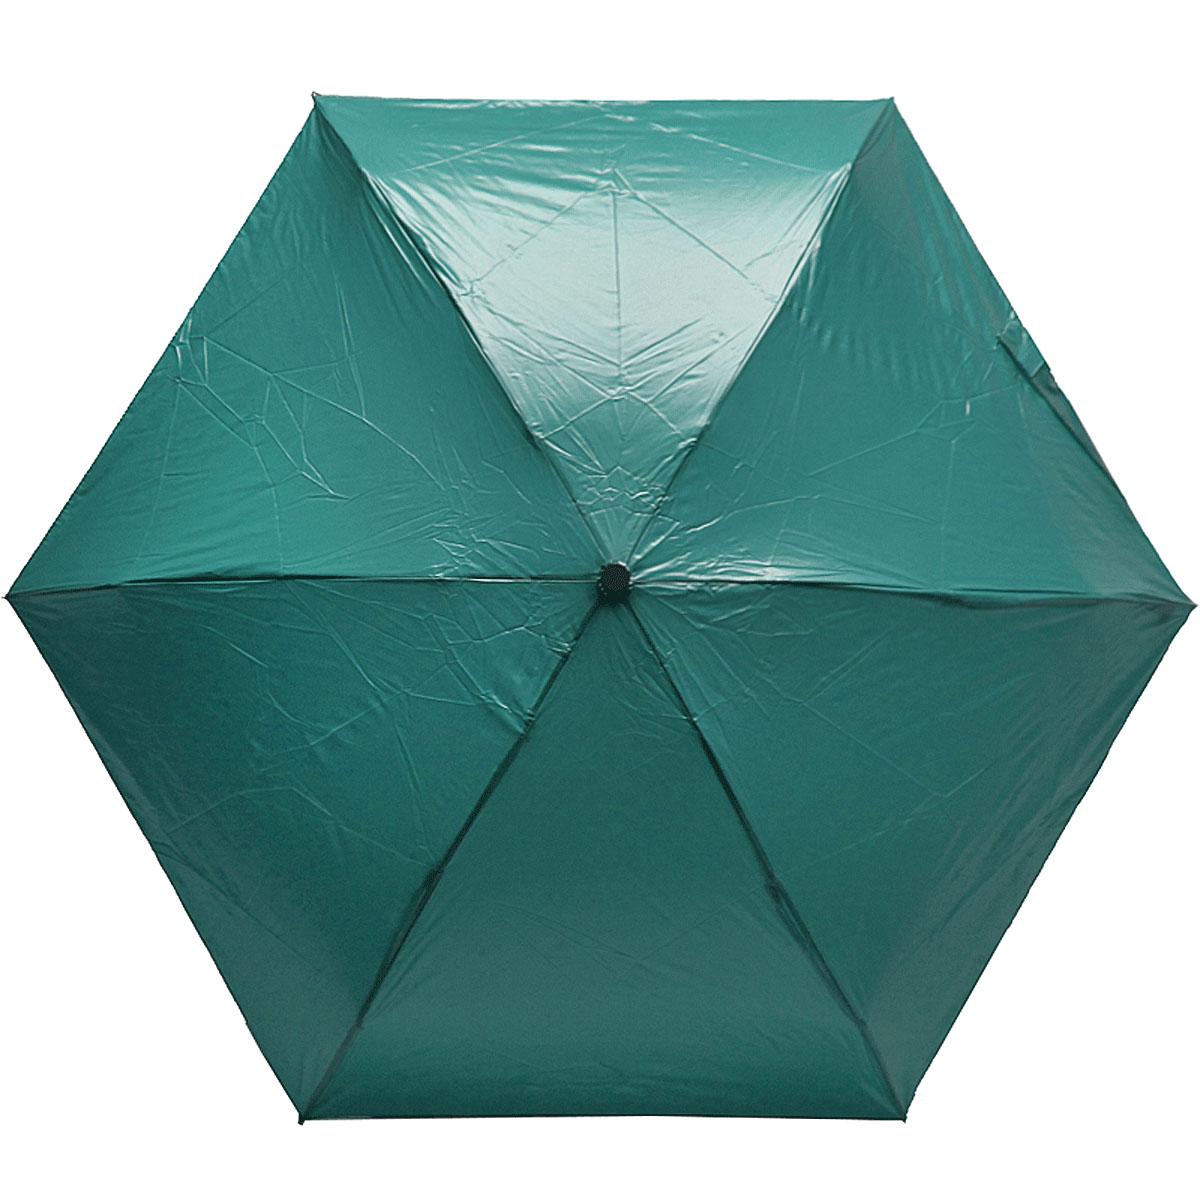 Зонт женский Vogue, цвет: зеленый. 454V-3454V-3Стильный механический зонт испанского производителя Vogue оснащен каркасом с противоветровым эффектом. Каркас зонта включает 8 спиц. Стержень изготовлен из стали, купол выполнен из прочного полиэстера. Зонт является механическим: купол открывается и закрывается вручную до характерного щелчка. Такой зонт не только надежно защитит вас от дождя, но и станет стильным аксессуаром, который идеально подчеркнет ваш неповторимый образ. Рекомендации по использованию: Мокрый зонт нельзя оставлять сложенным. Зонт после использования рекомендуется сушить в полураскрытом виде вдали от нагревательных приборов. Чистить зонт рекомендуется губкой, используя мягкие нещелочные растворы.